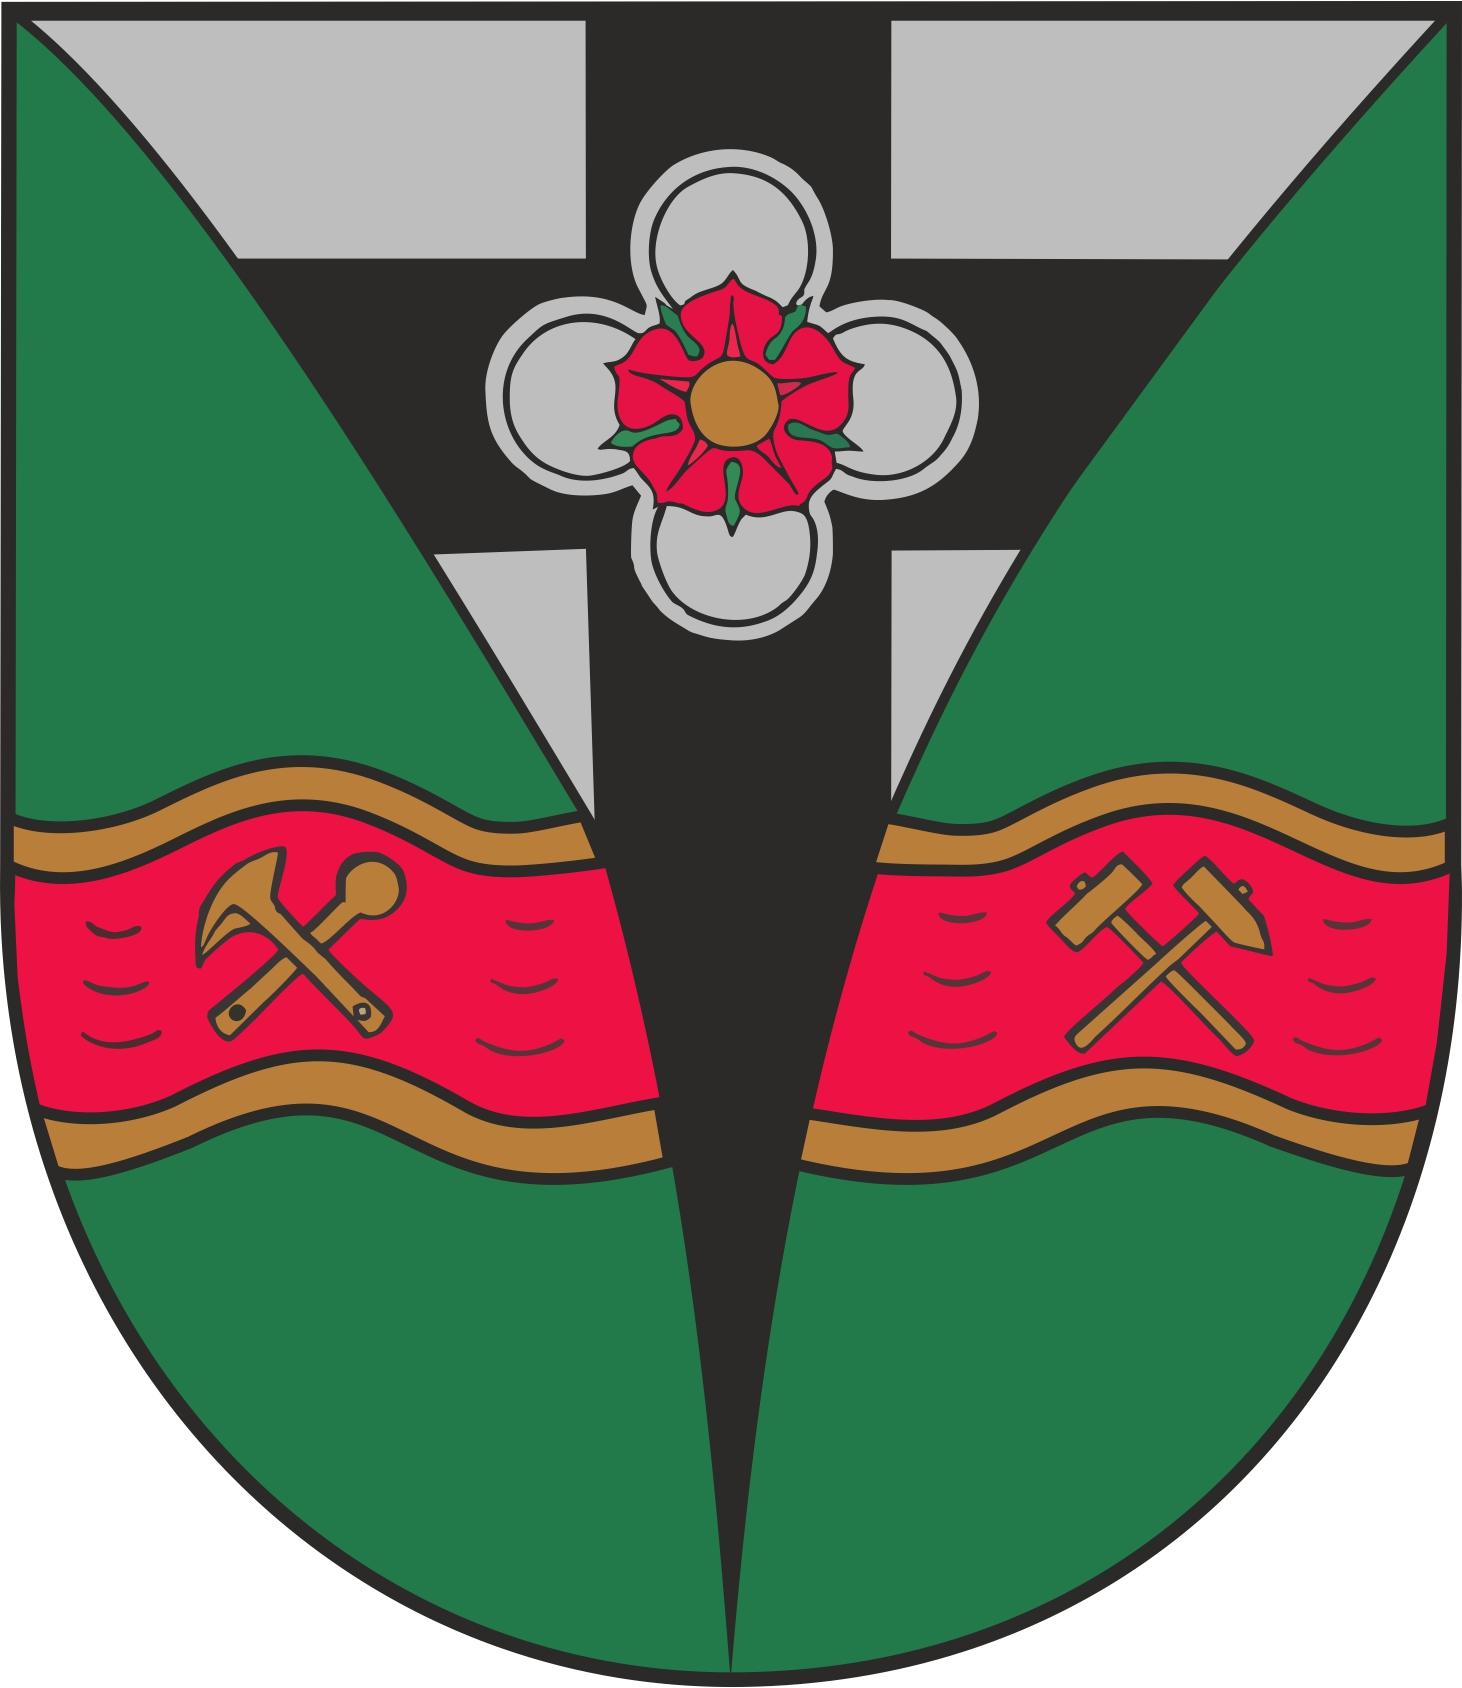 Ortsgemeinde Selbach/Sieg